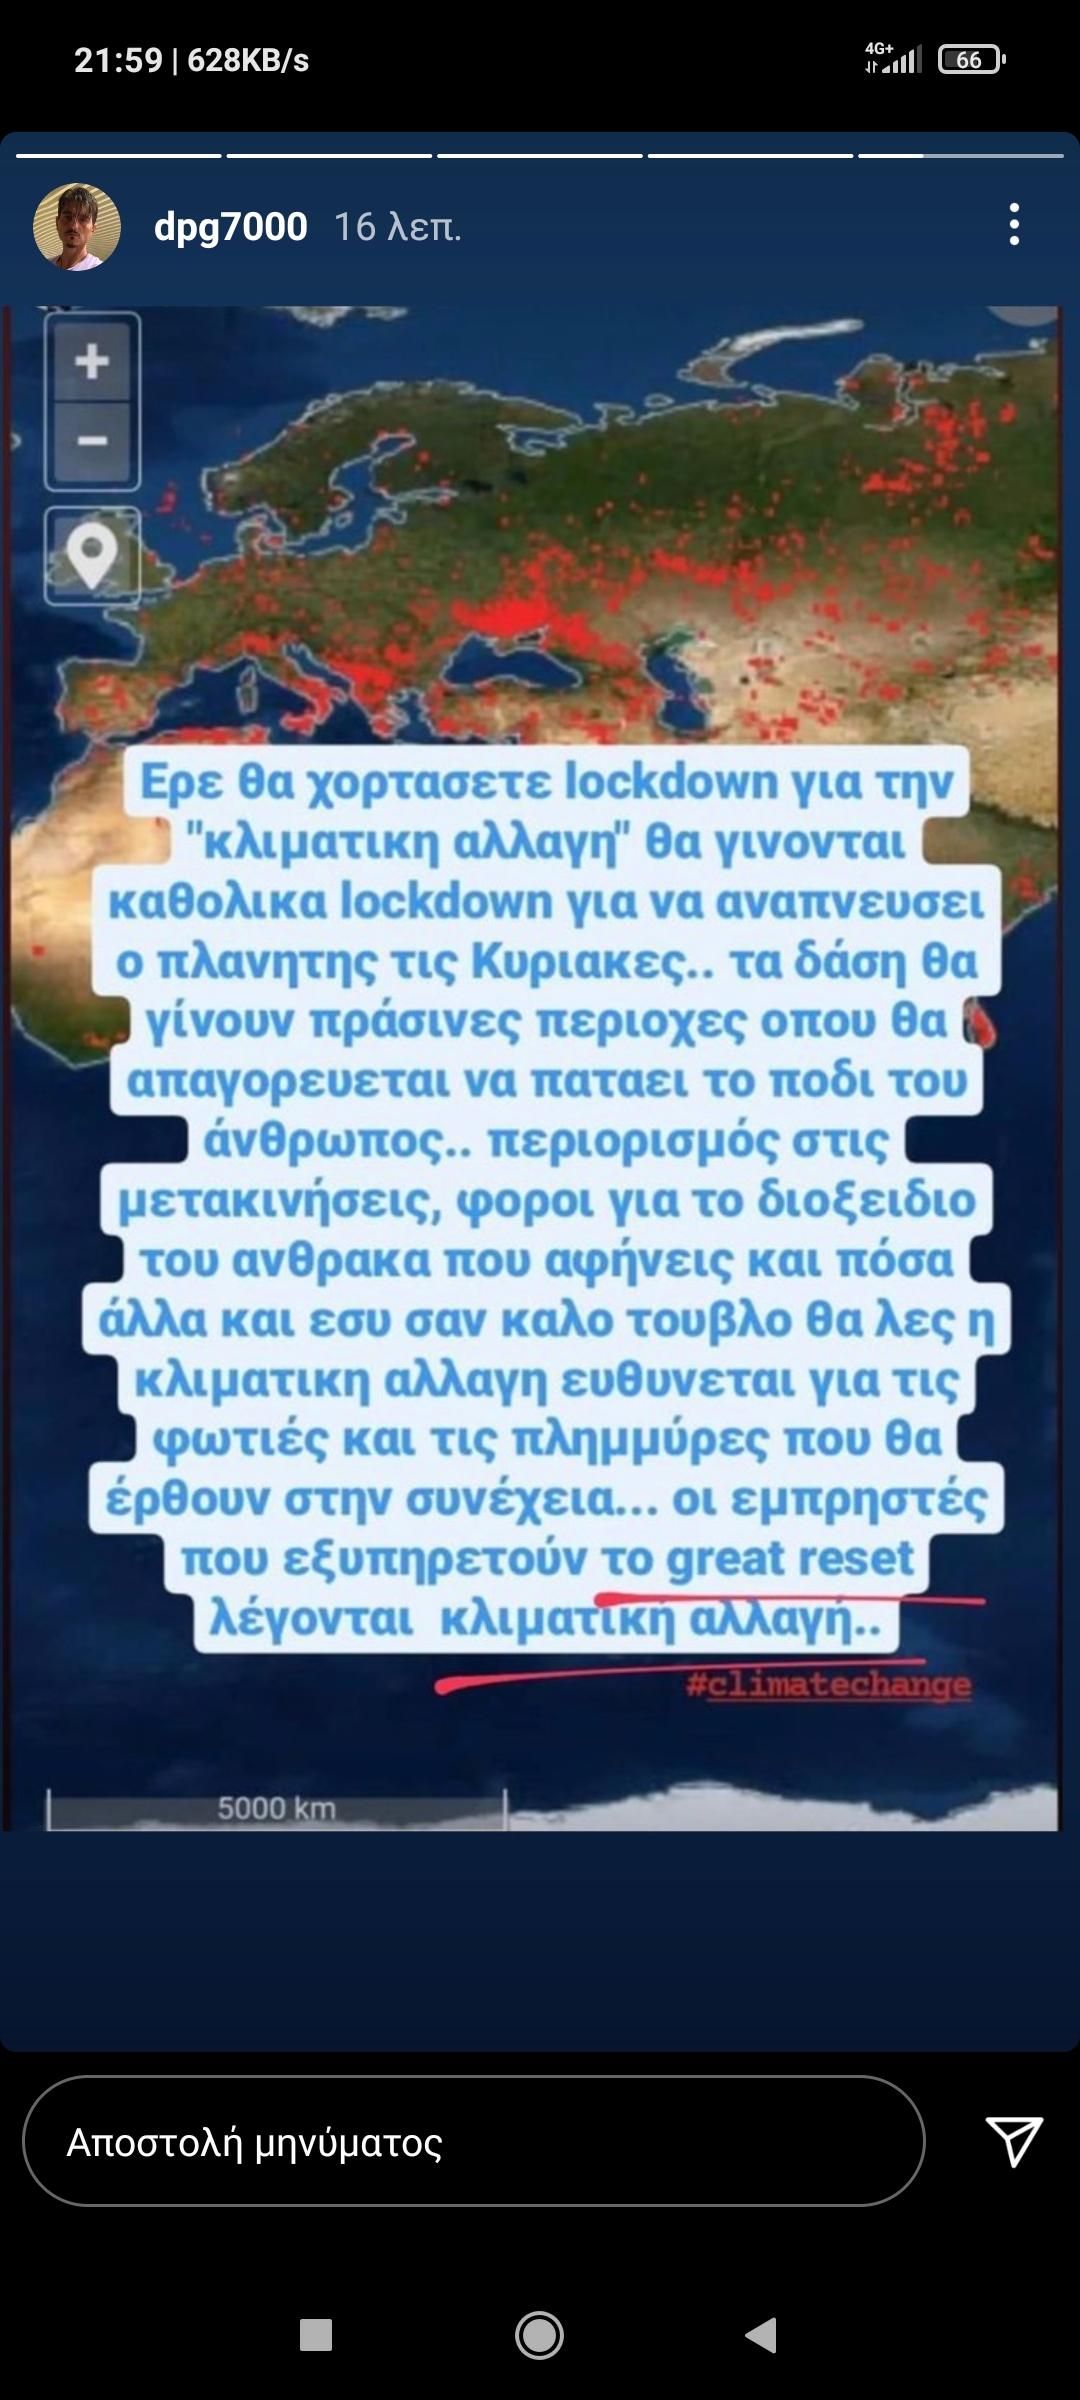 Γιαννακόπουλος: «Τους εμπρηστές τους λέμε... κλιματική αλλαγή!»